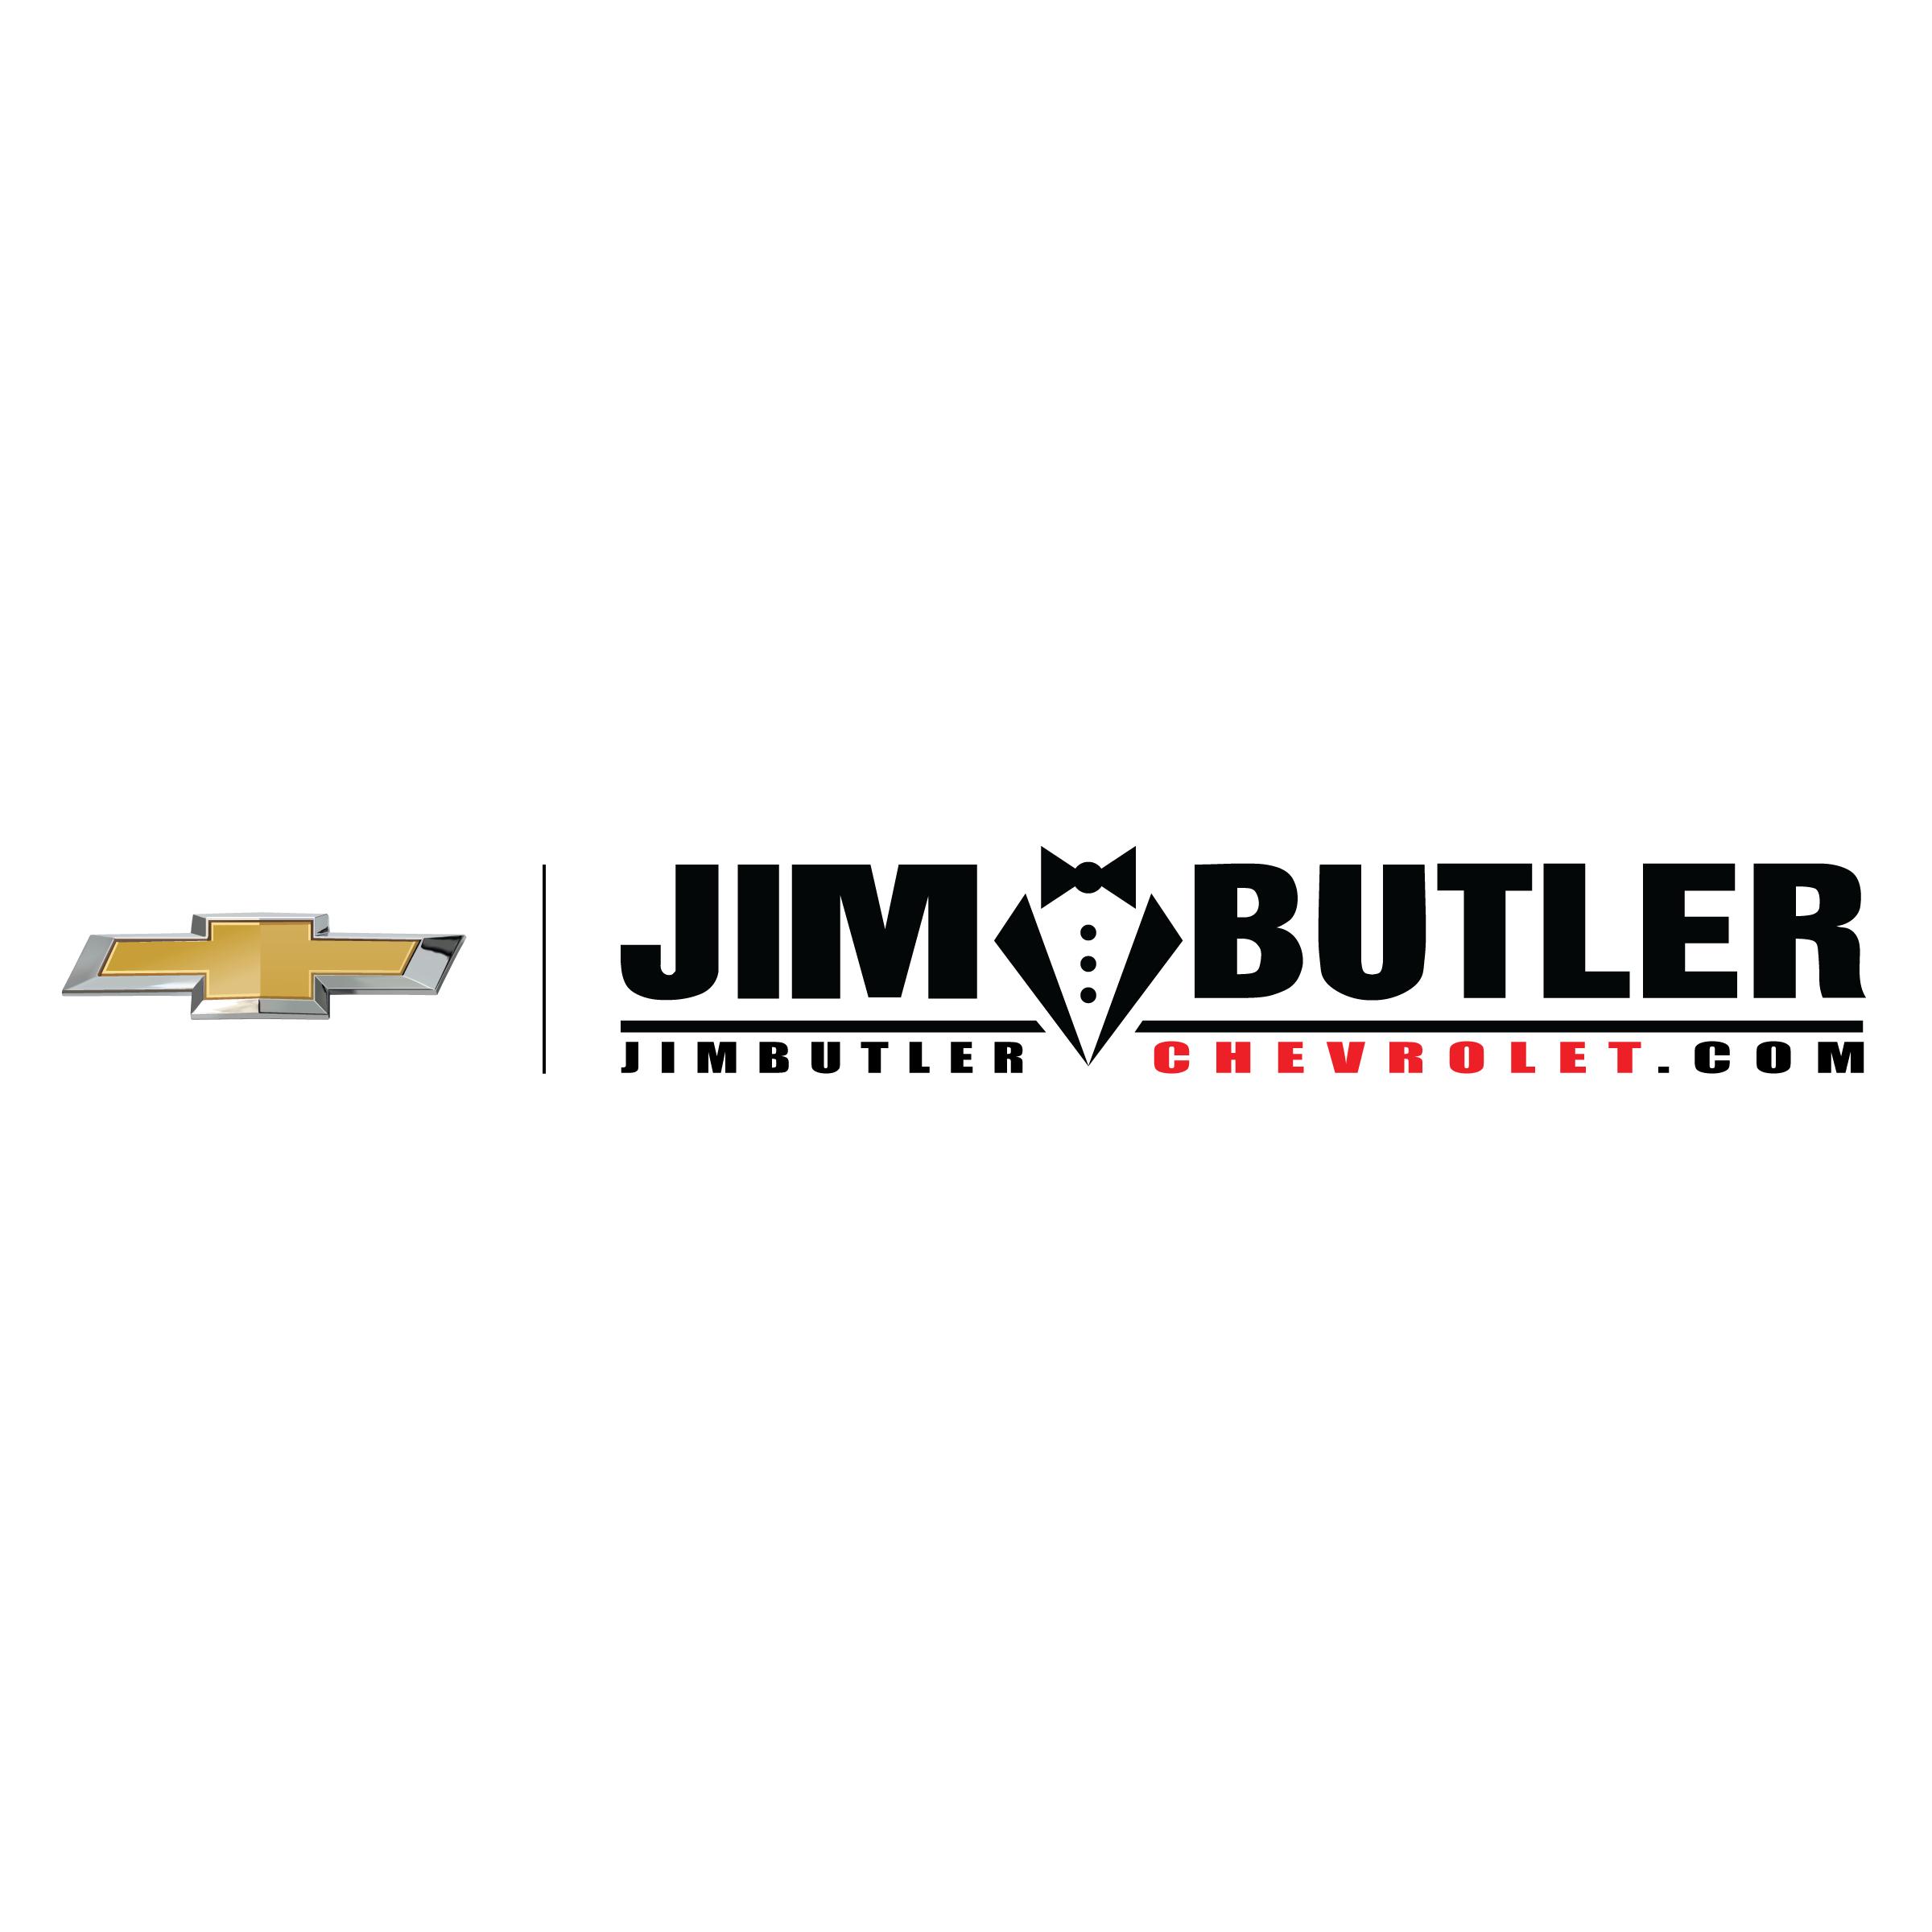 Jim Butler Chevrolet